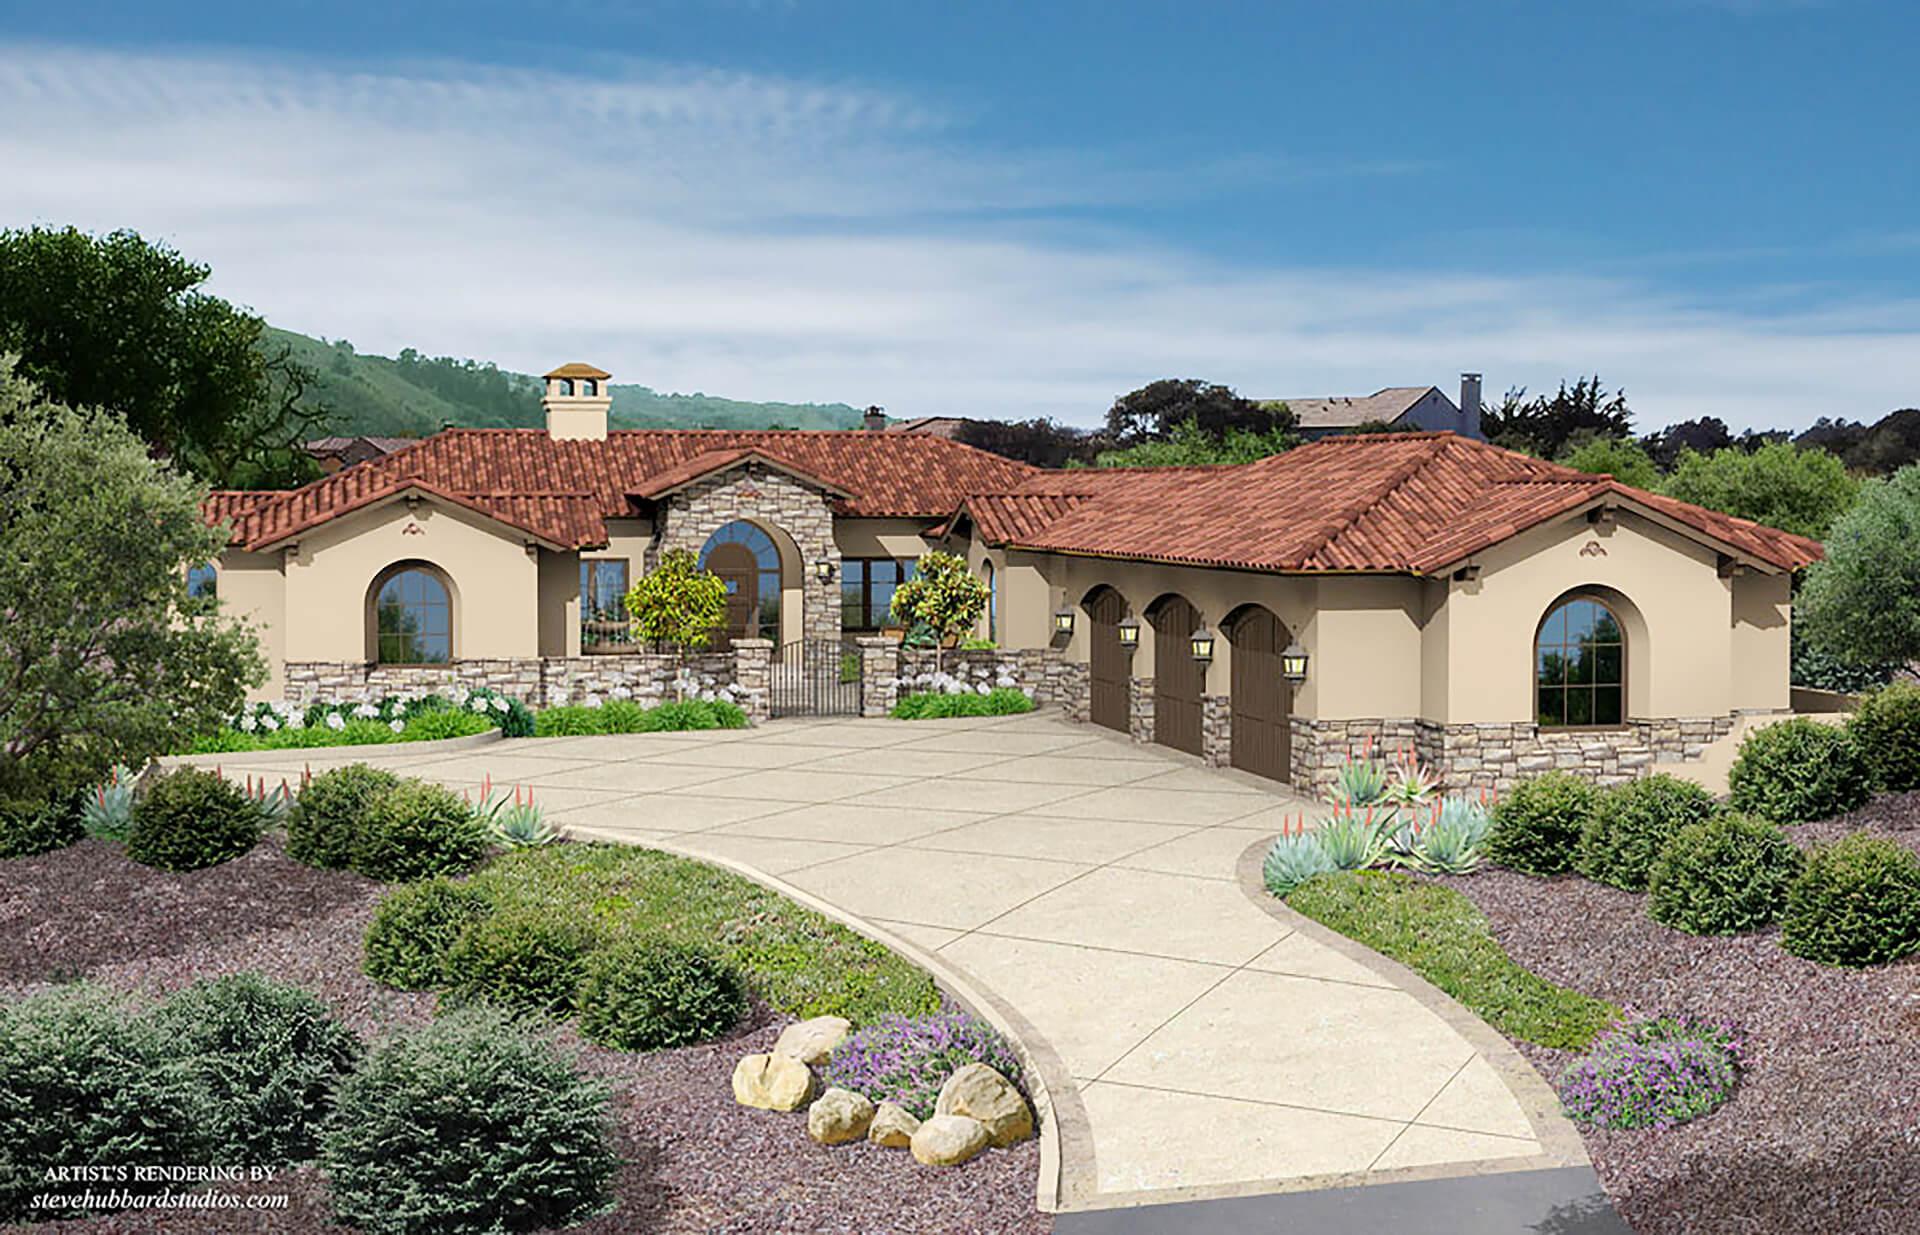 Pasadera, Monterey CA - Front View